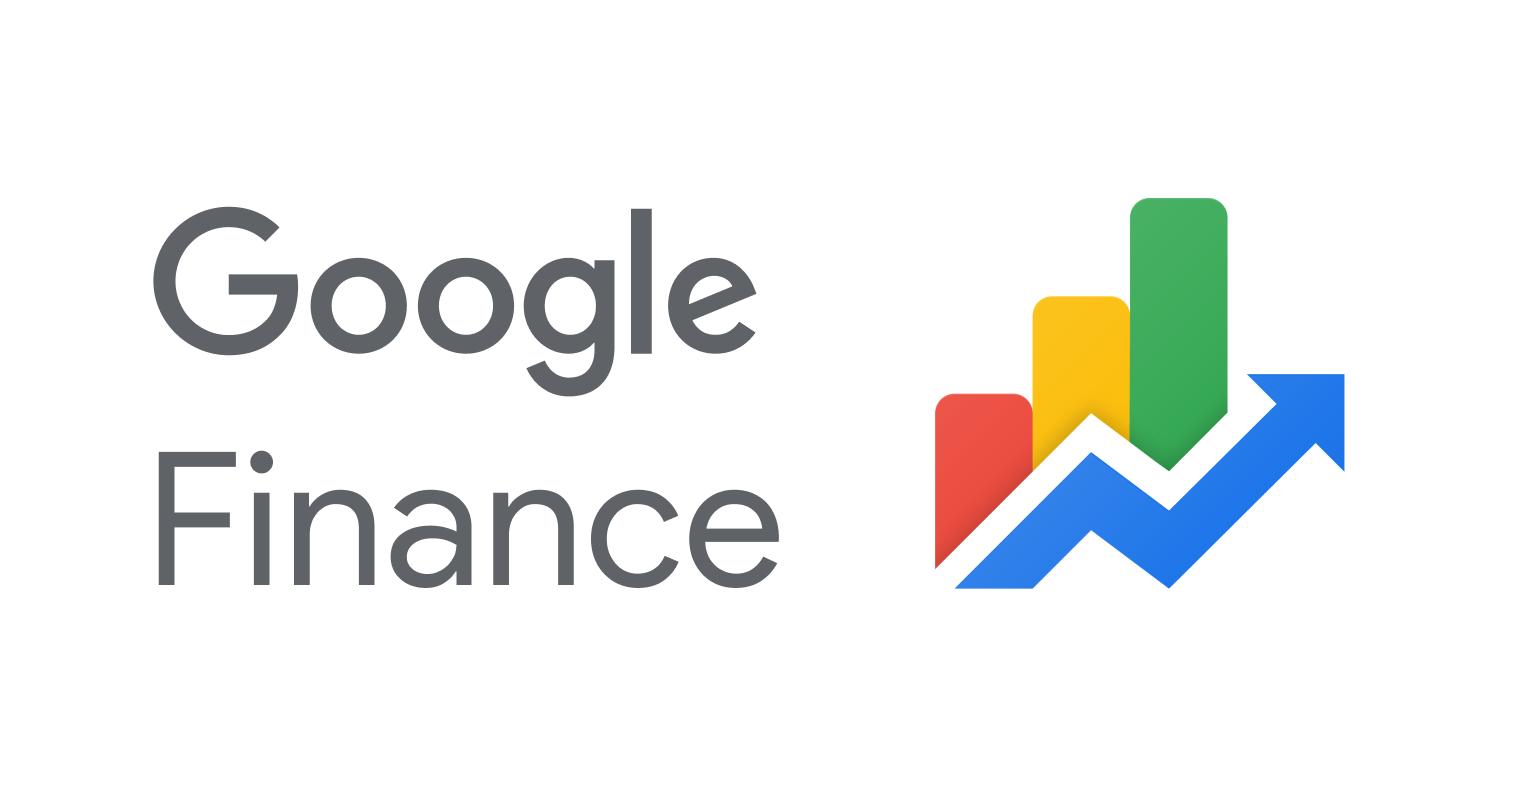 Сайт Google Finance добавил вкладку с криптовалютными данными